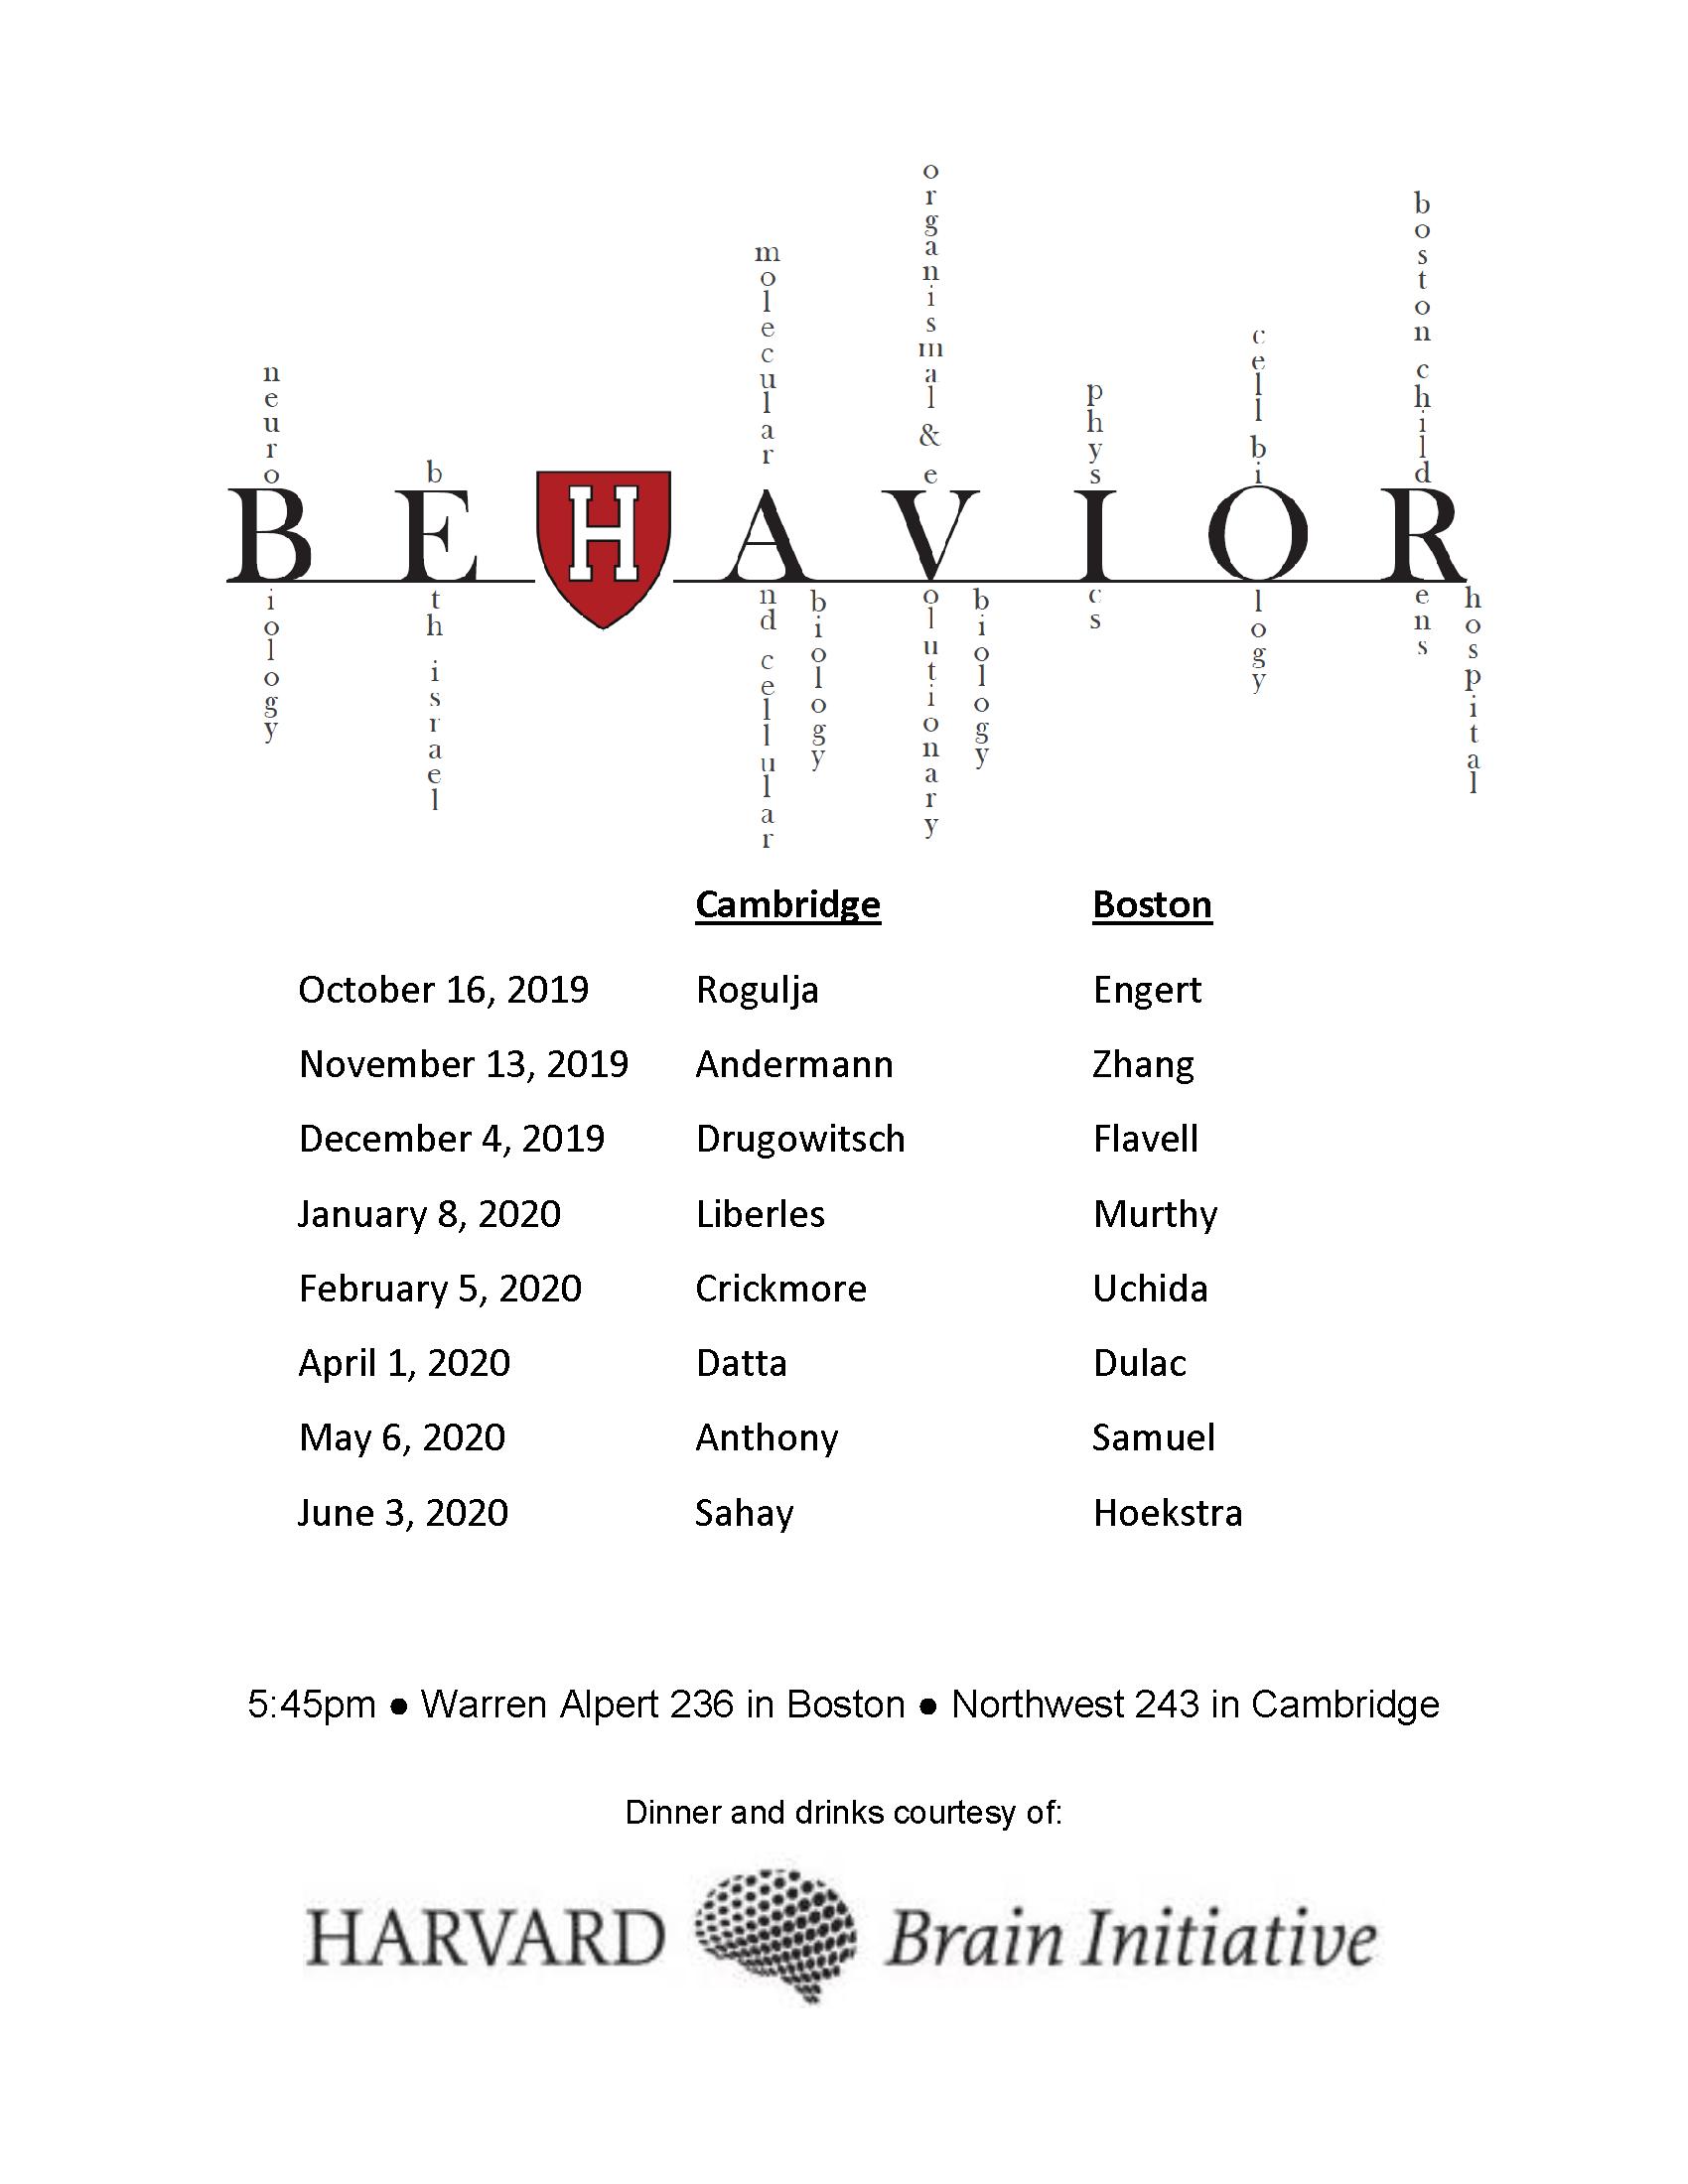 Behavior meeting schedule 2019-2020.png